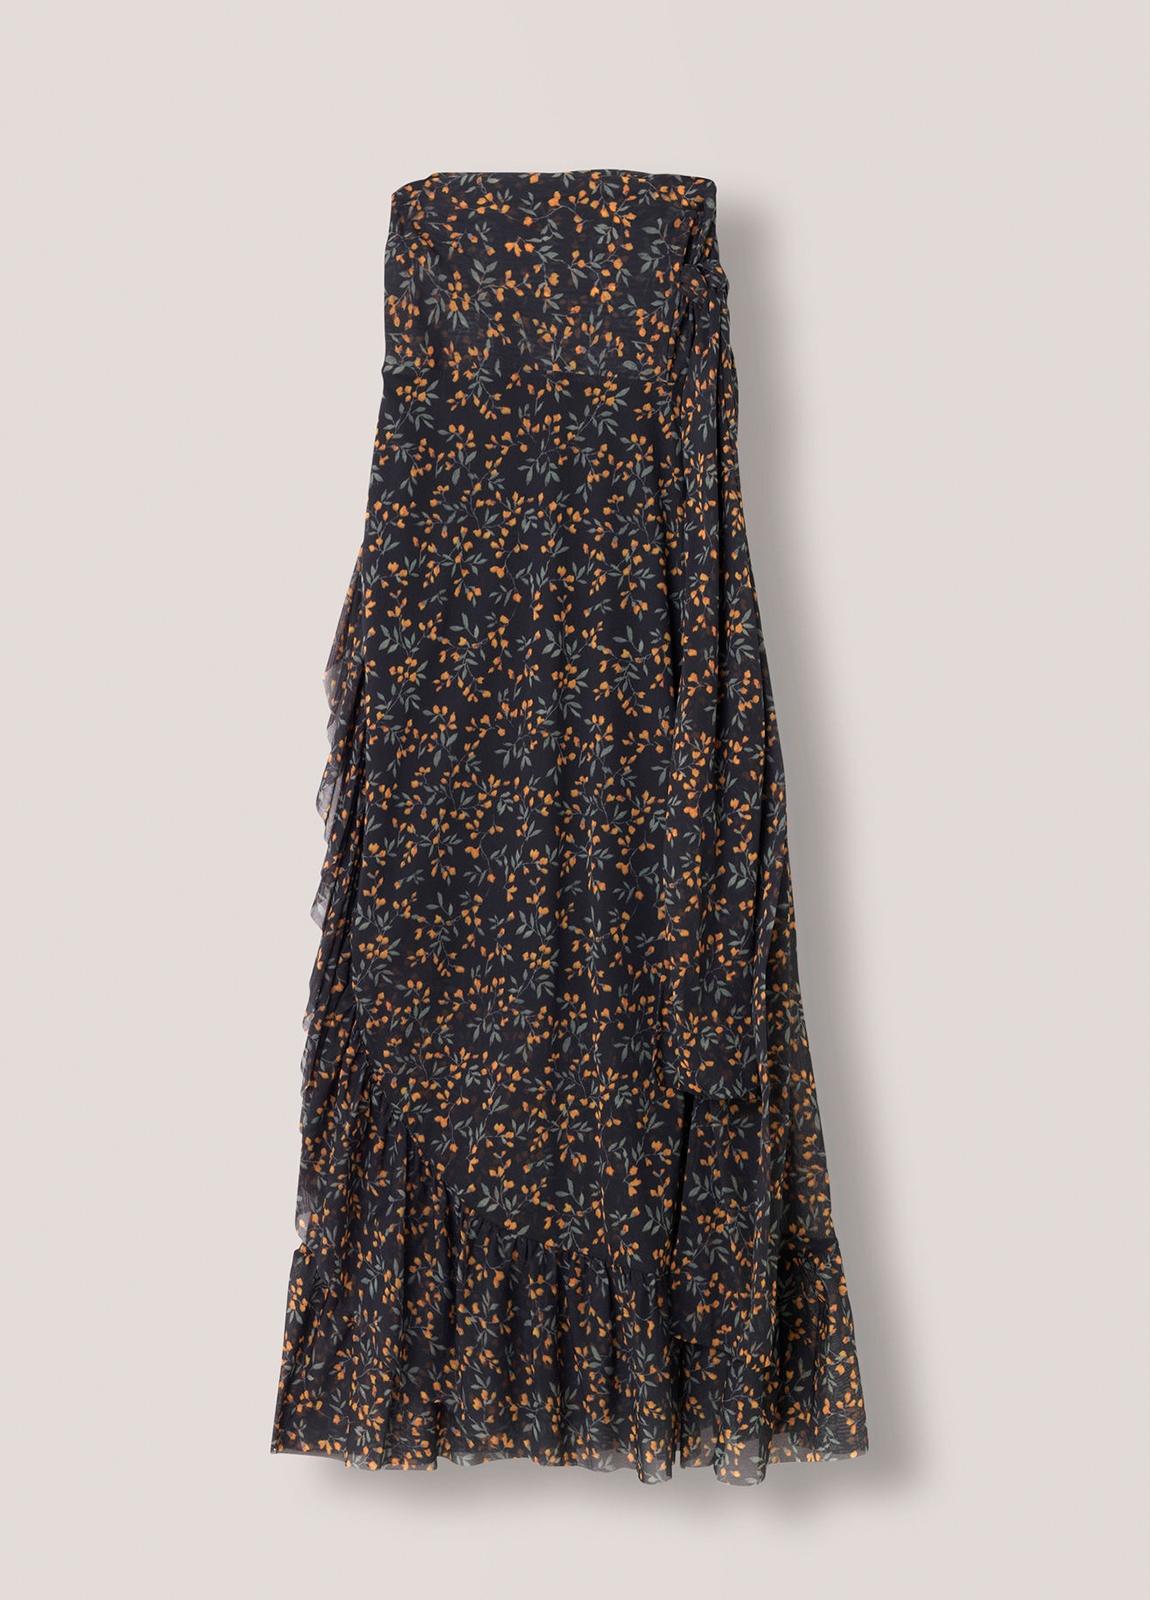 Falda larga con volantes color negro con estampado floral. 100% Poliamida. - Ítem1